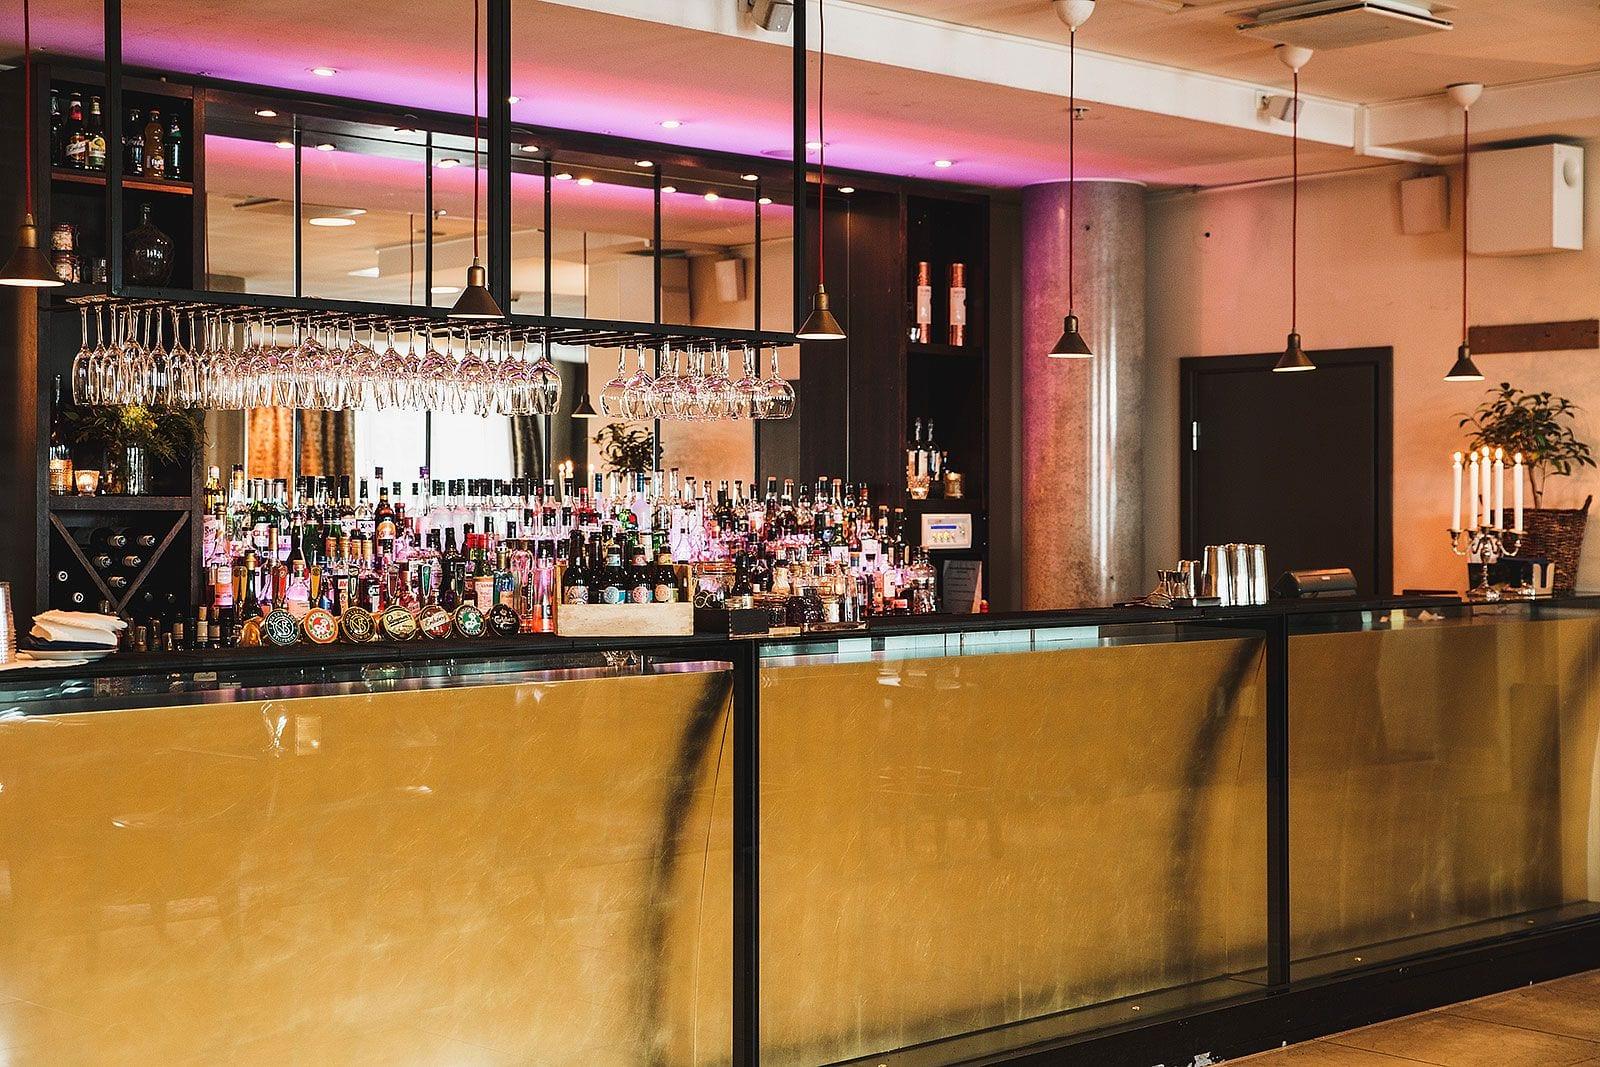 Krok upp bar och restaurang